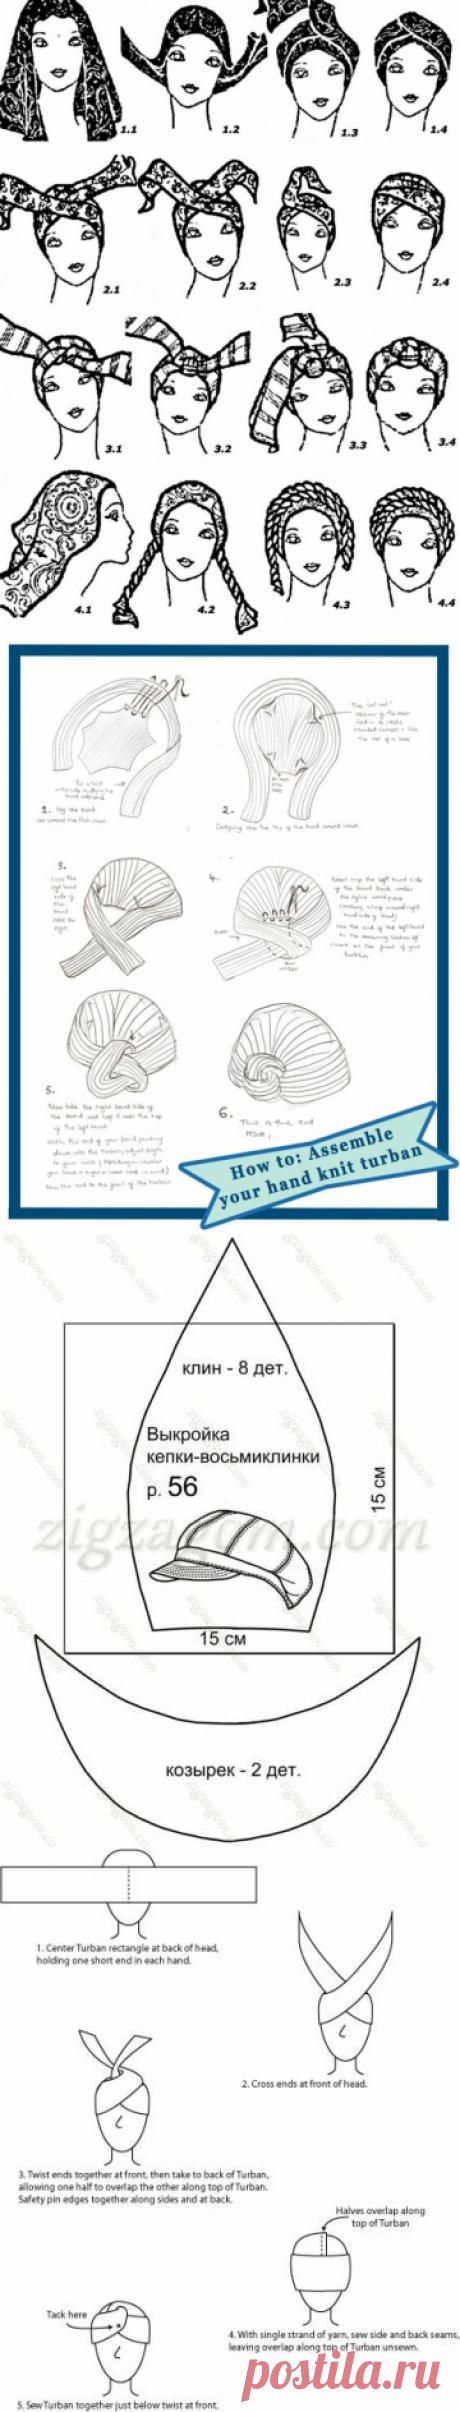 Альтернатива обычным шапкам. Топ-5 головных уборов, которые можно сделать своими руками | Сделуха | Яндекс Дзен